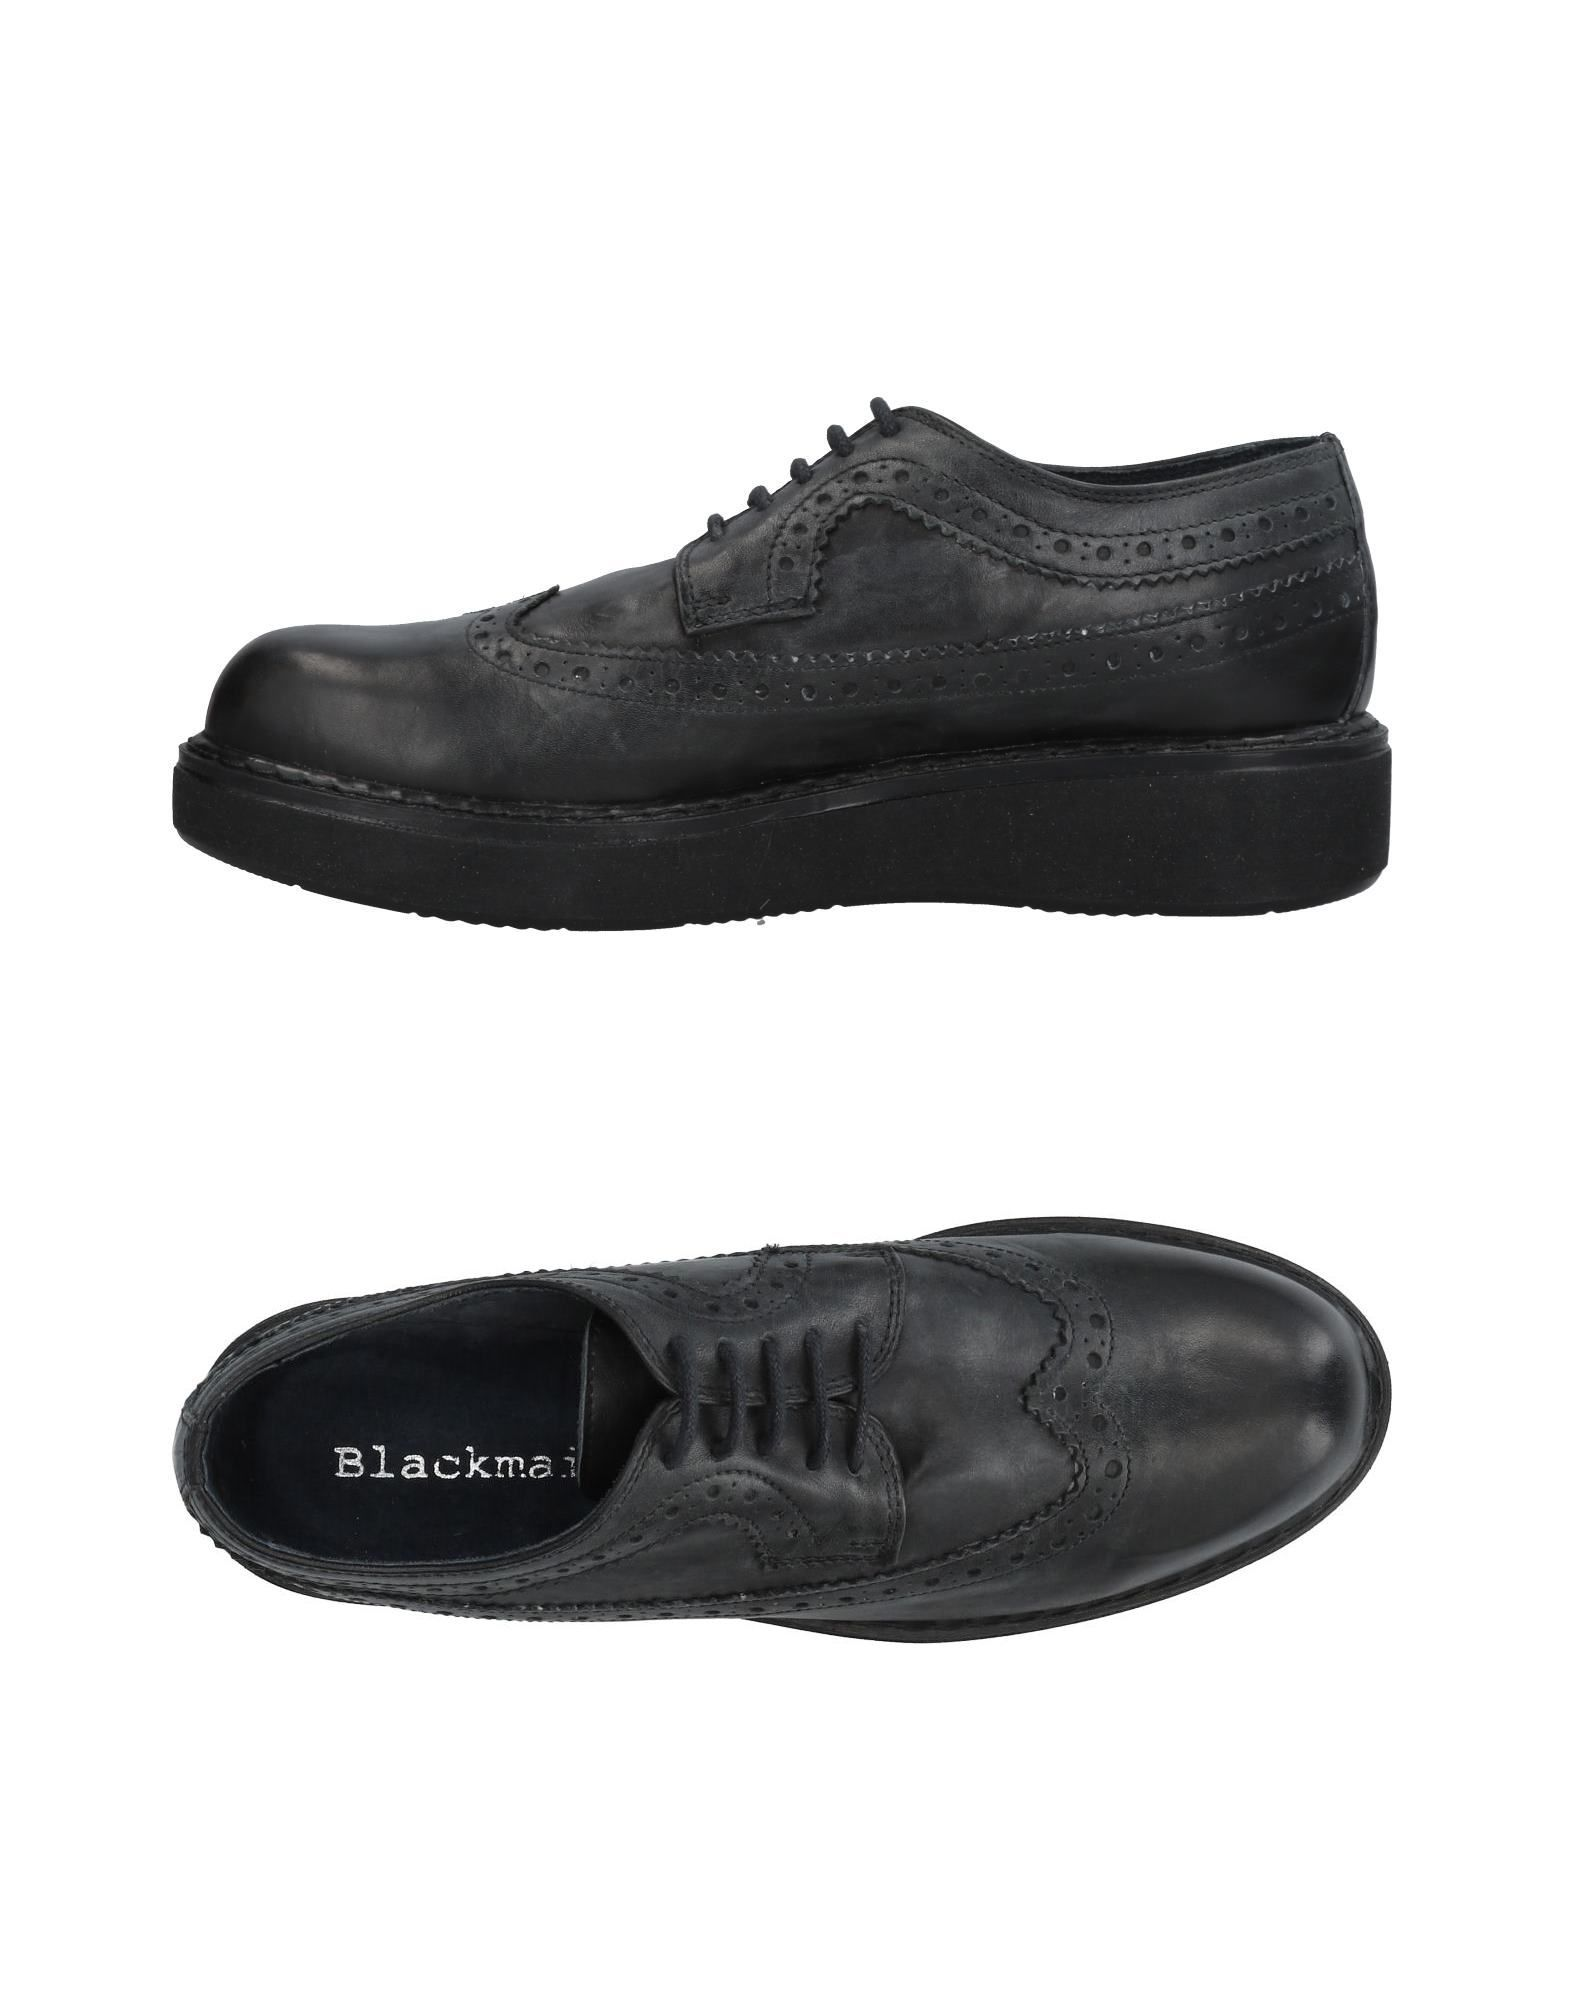 schwarzmail schwarzmail schwarzmail Schnürschuhe Damen 11457350KB Gute Qualität beliebte Schuhe e406ed